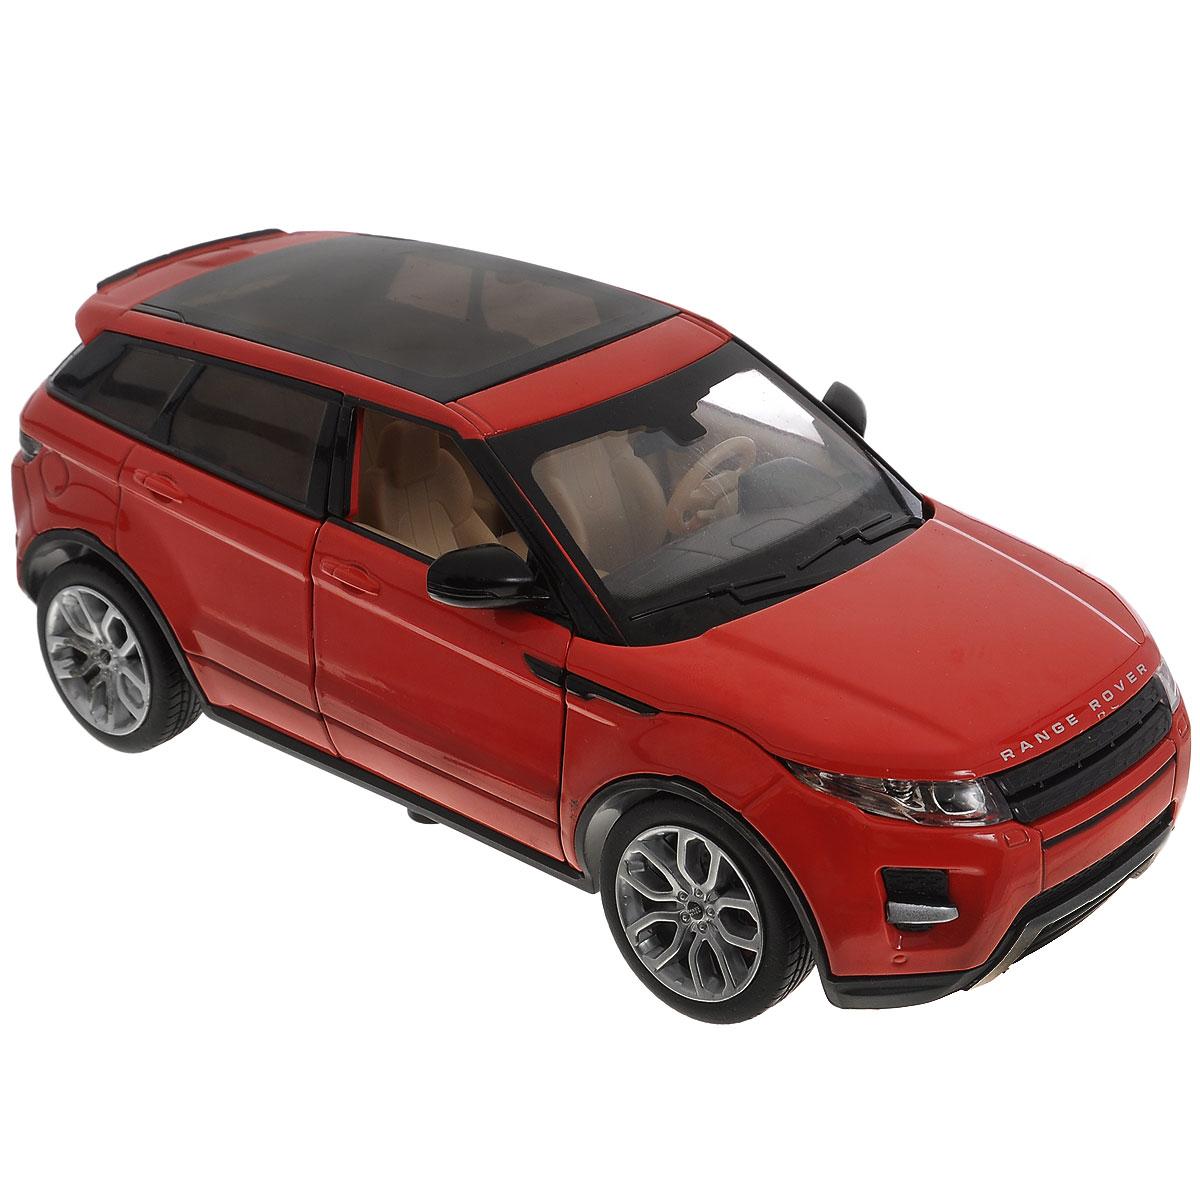 MSZ Машинка инерционная Range Rover Evoque, цвет: красный. Масштаб 1/24CP-68244A_красныйИнерционная модель автомобиля MSZ Range Rover Evoque, выполненная из высококачественного металла и пластика, непременно понравится и ребенку, и взрослому. Модель является точной уменьшенной копией известного автомобиля марки Range Rover Evoque. Игрушечная модель оснащена литым металлическим корпусом, вращающимися колесами из резины. Передние двери и капот машинки открываются, салон детализирован. Игрушка оснащена инерционным ходом, световыми и звуковыми эффектами. Для того чтобы автомобиль поехал вперед, необходимо его отвести назад, а затем отпустить. Прорезиненные колеса обеспечивают надежное сцепление с любой поверхностью пола. Машинка является отличным подарком для каждого ребенка. Во время игры с такой машинкой у ребенка развивается мелкая моторика рук, фантазия и воображение. Необходимо докупить 3 батарейки напряжением 1,5V типа AG13 (не входят в комплект).